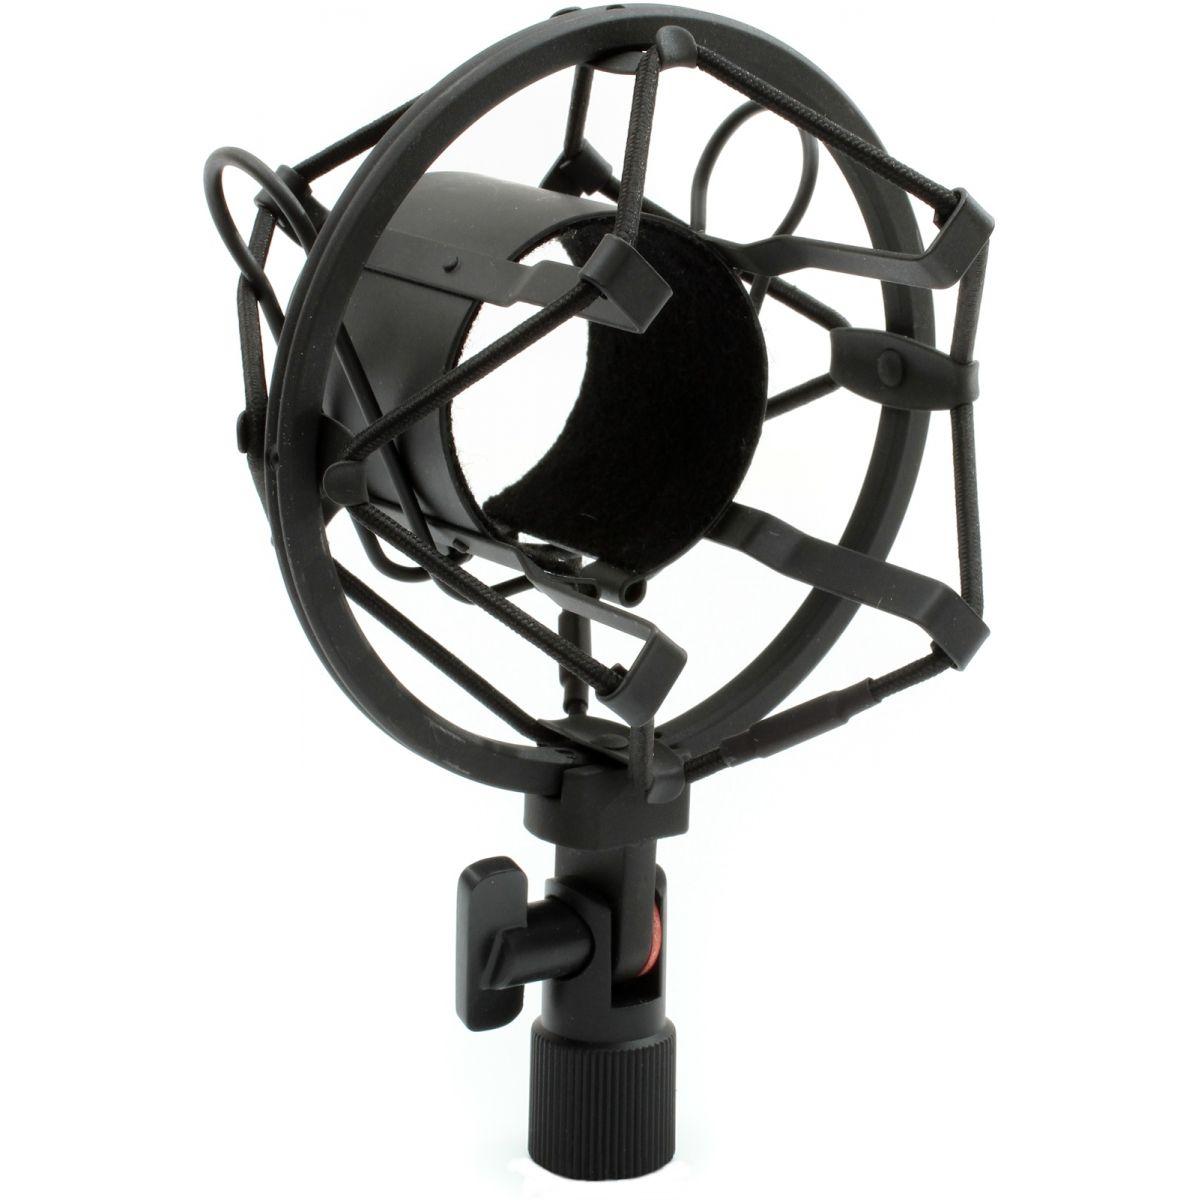 Behringer B-1 Microfone Condensador, Maleta e Suporte